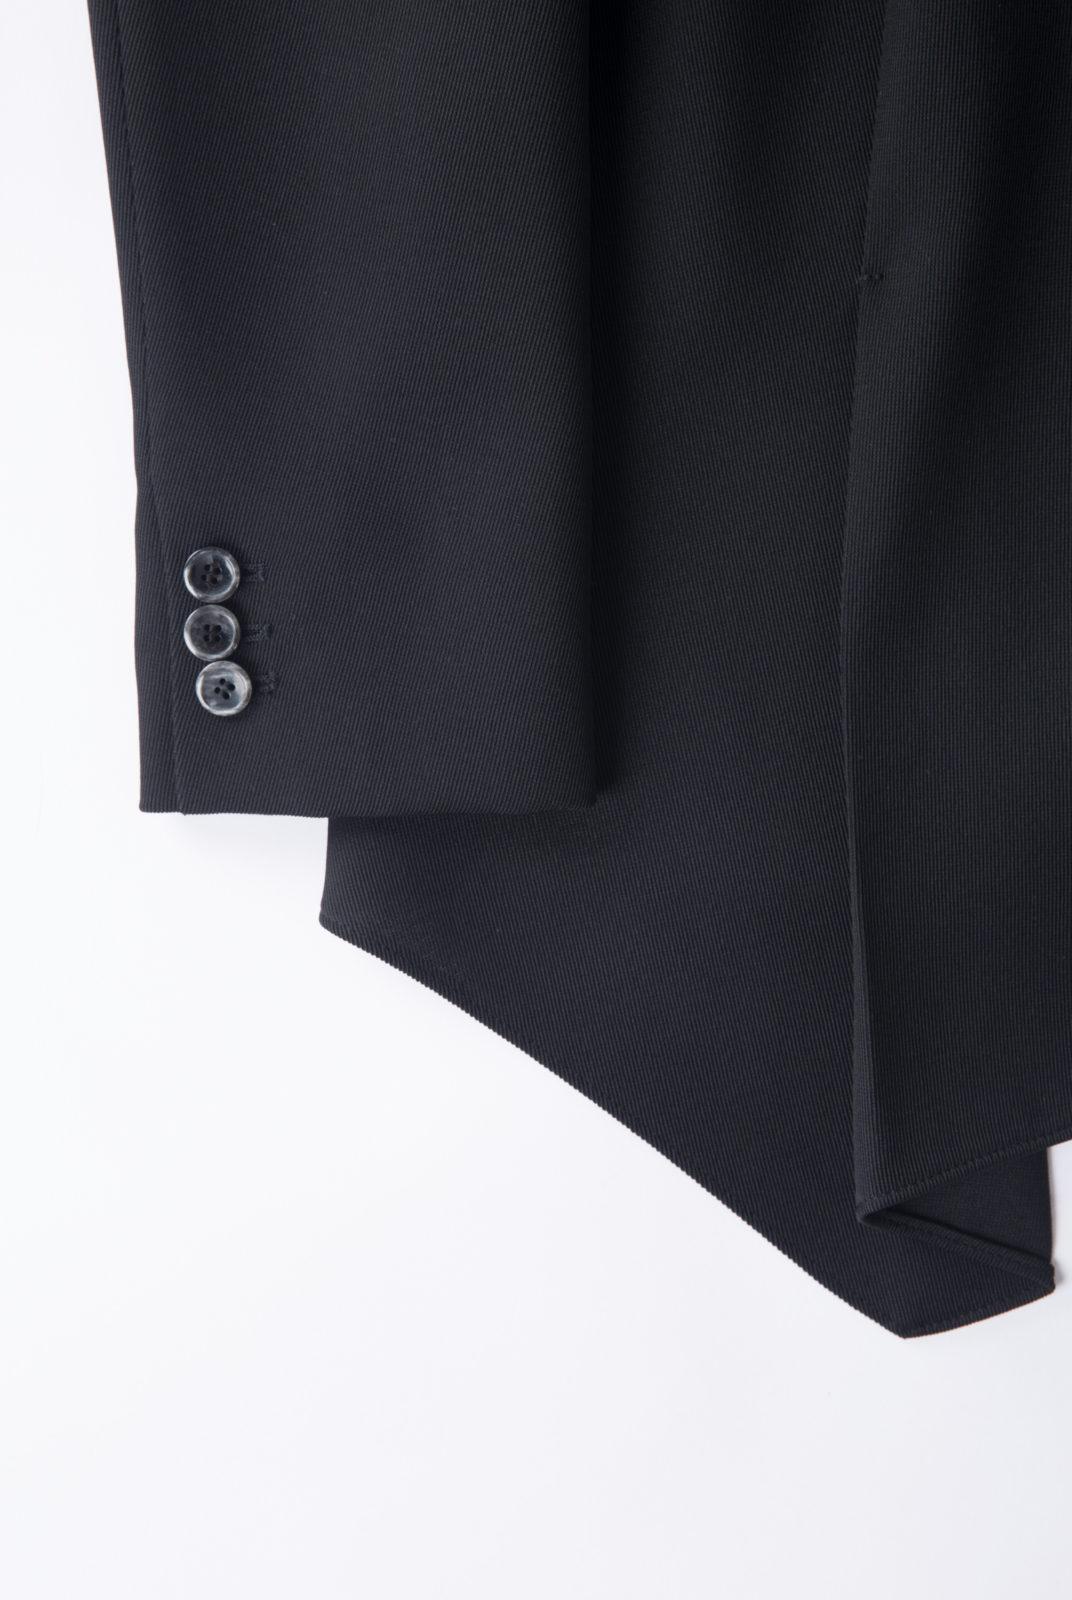 veste noire, laine vierge, sans col, non boutonnée, jil sander navy